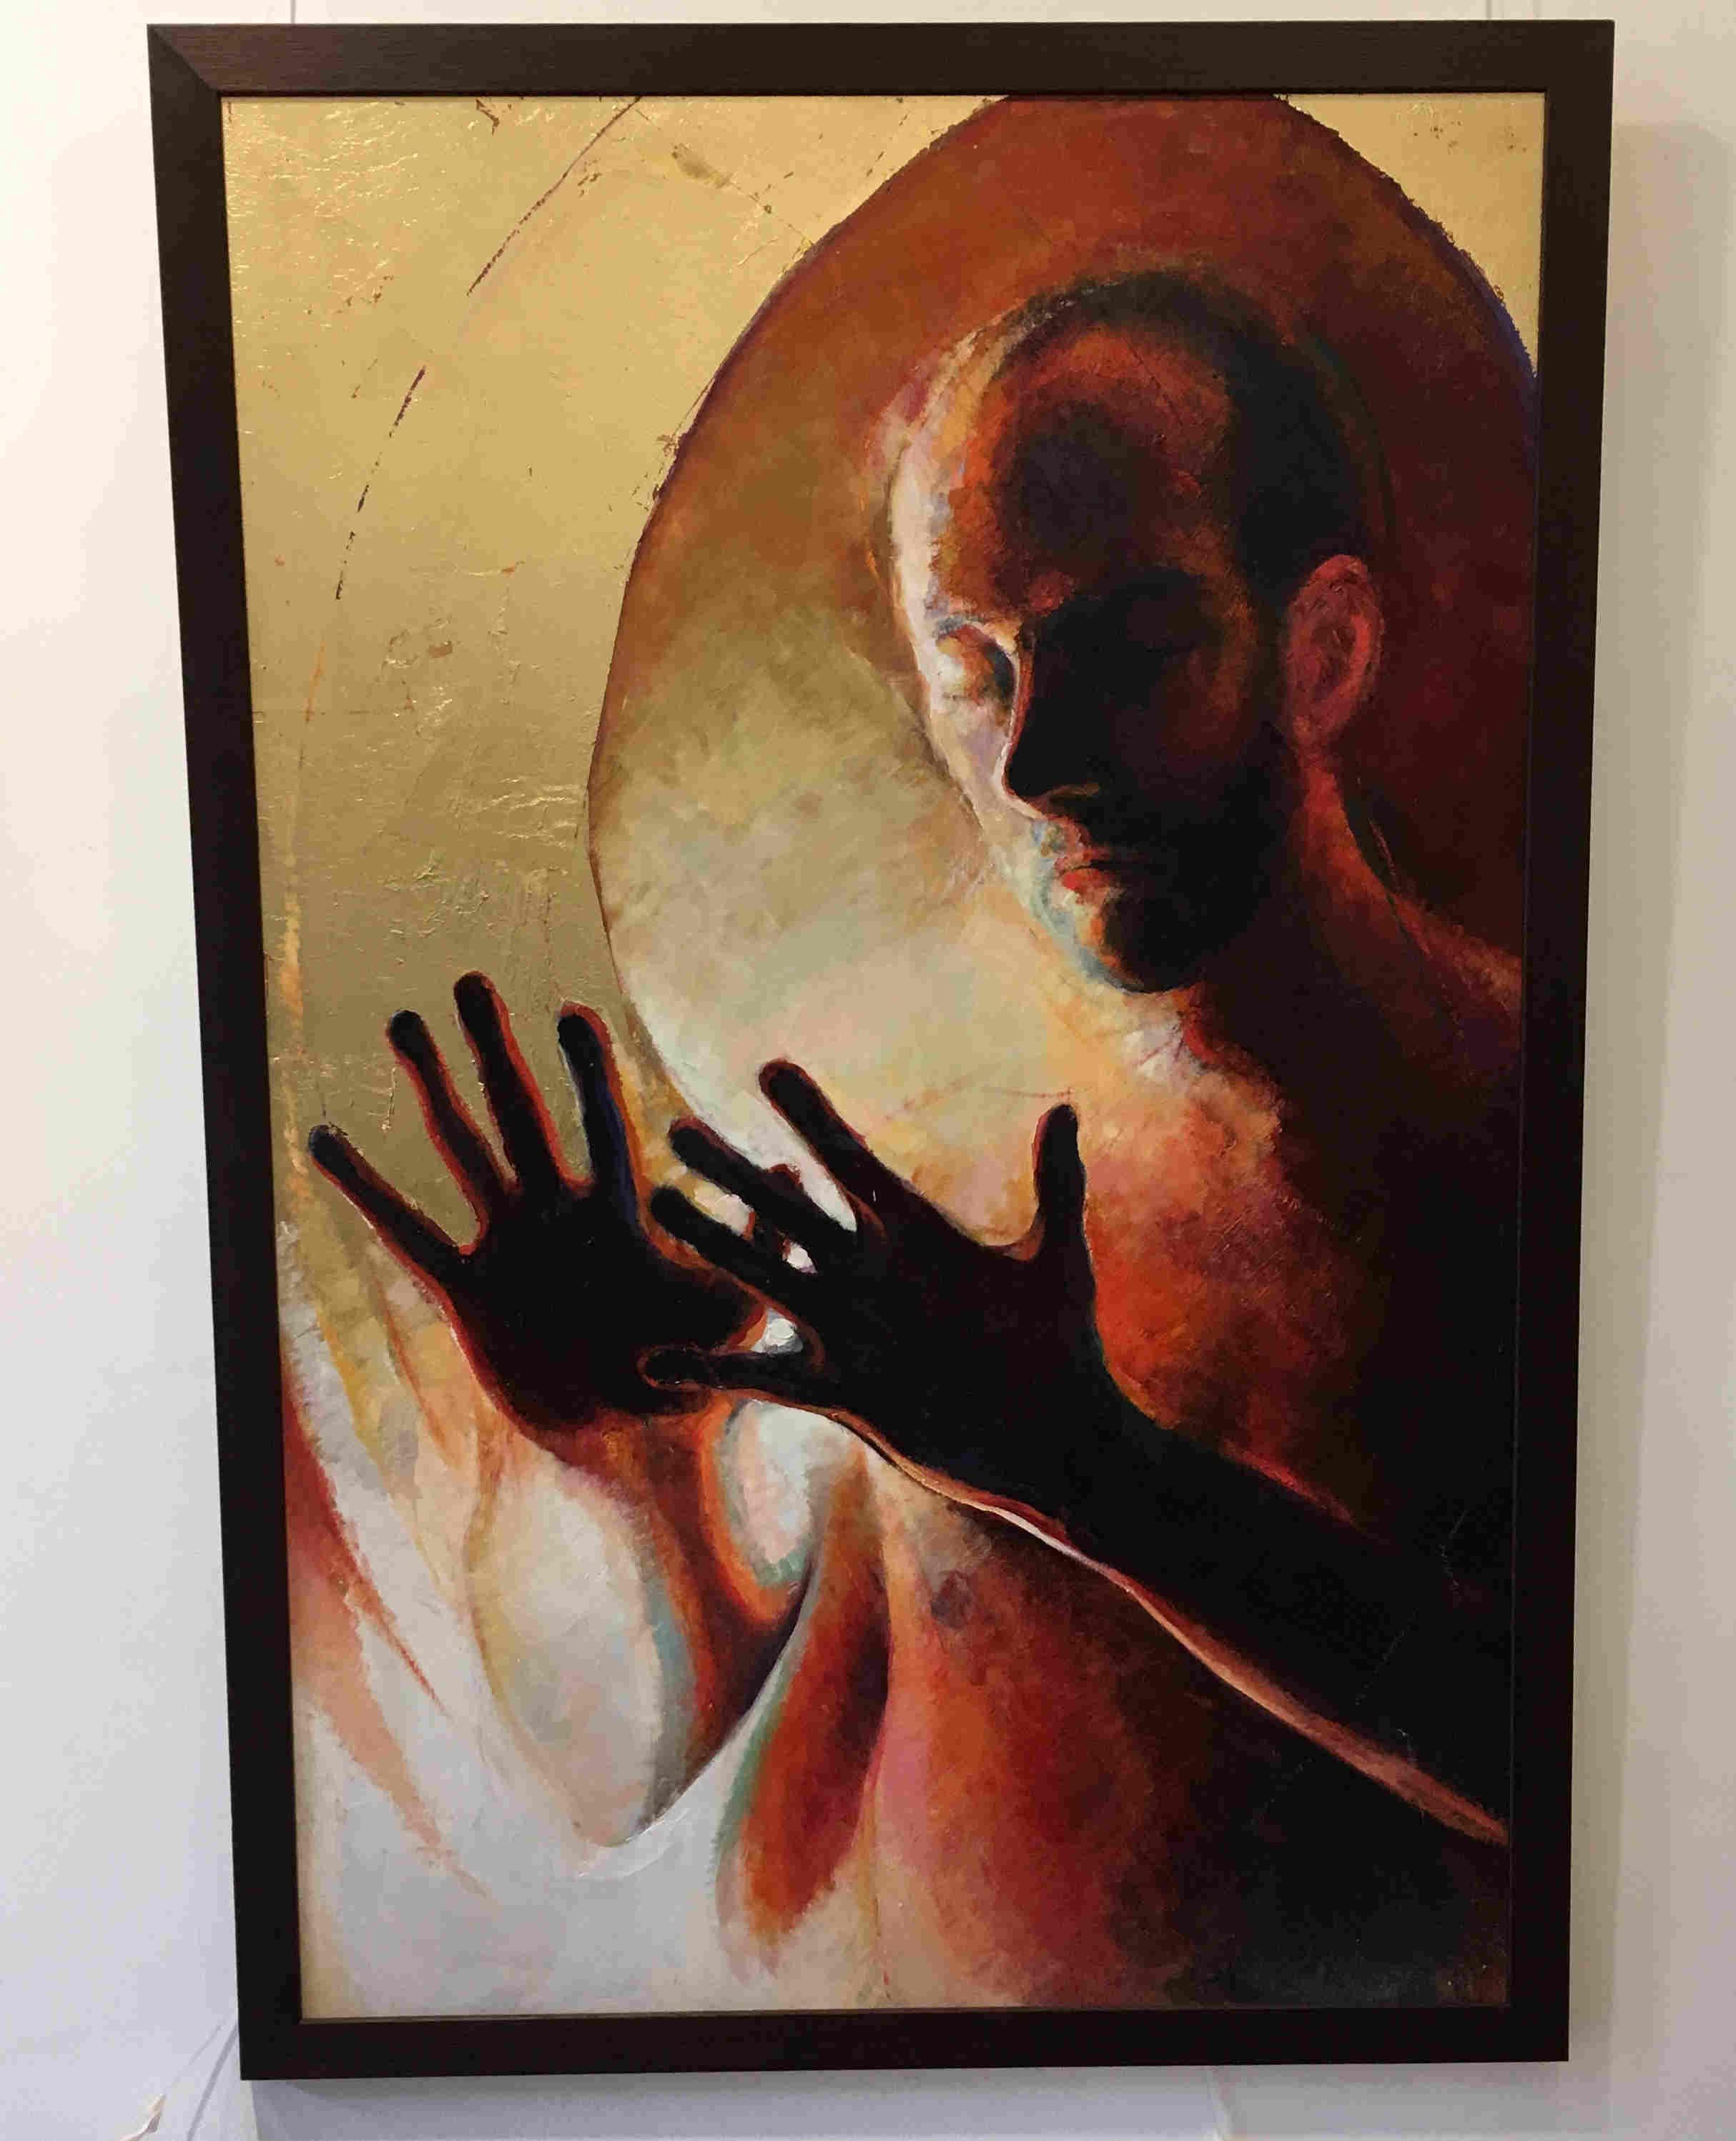 'Comfort in the Light' by artist Ben DaviesJenkins